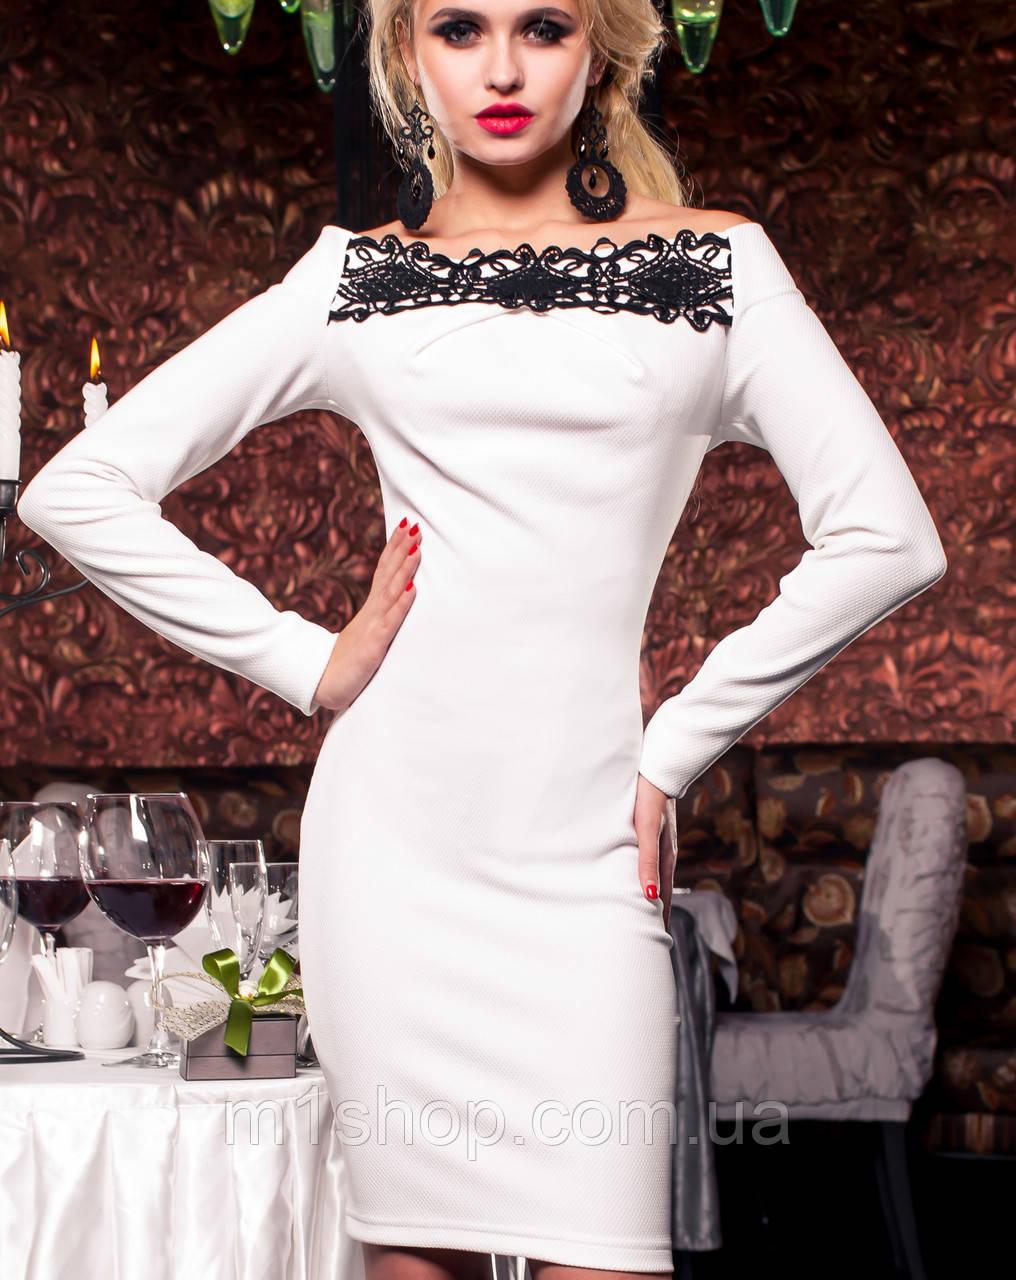 Платье с кружевом | Ирен jd